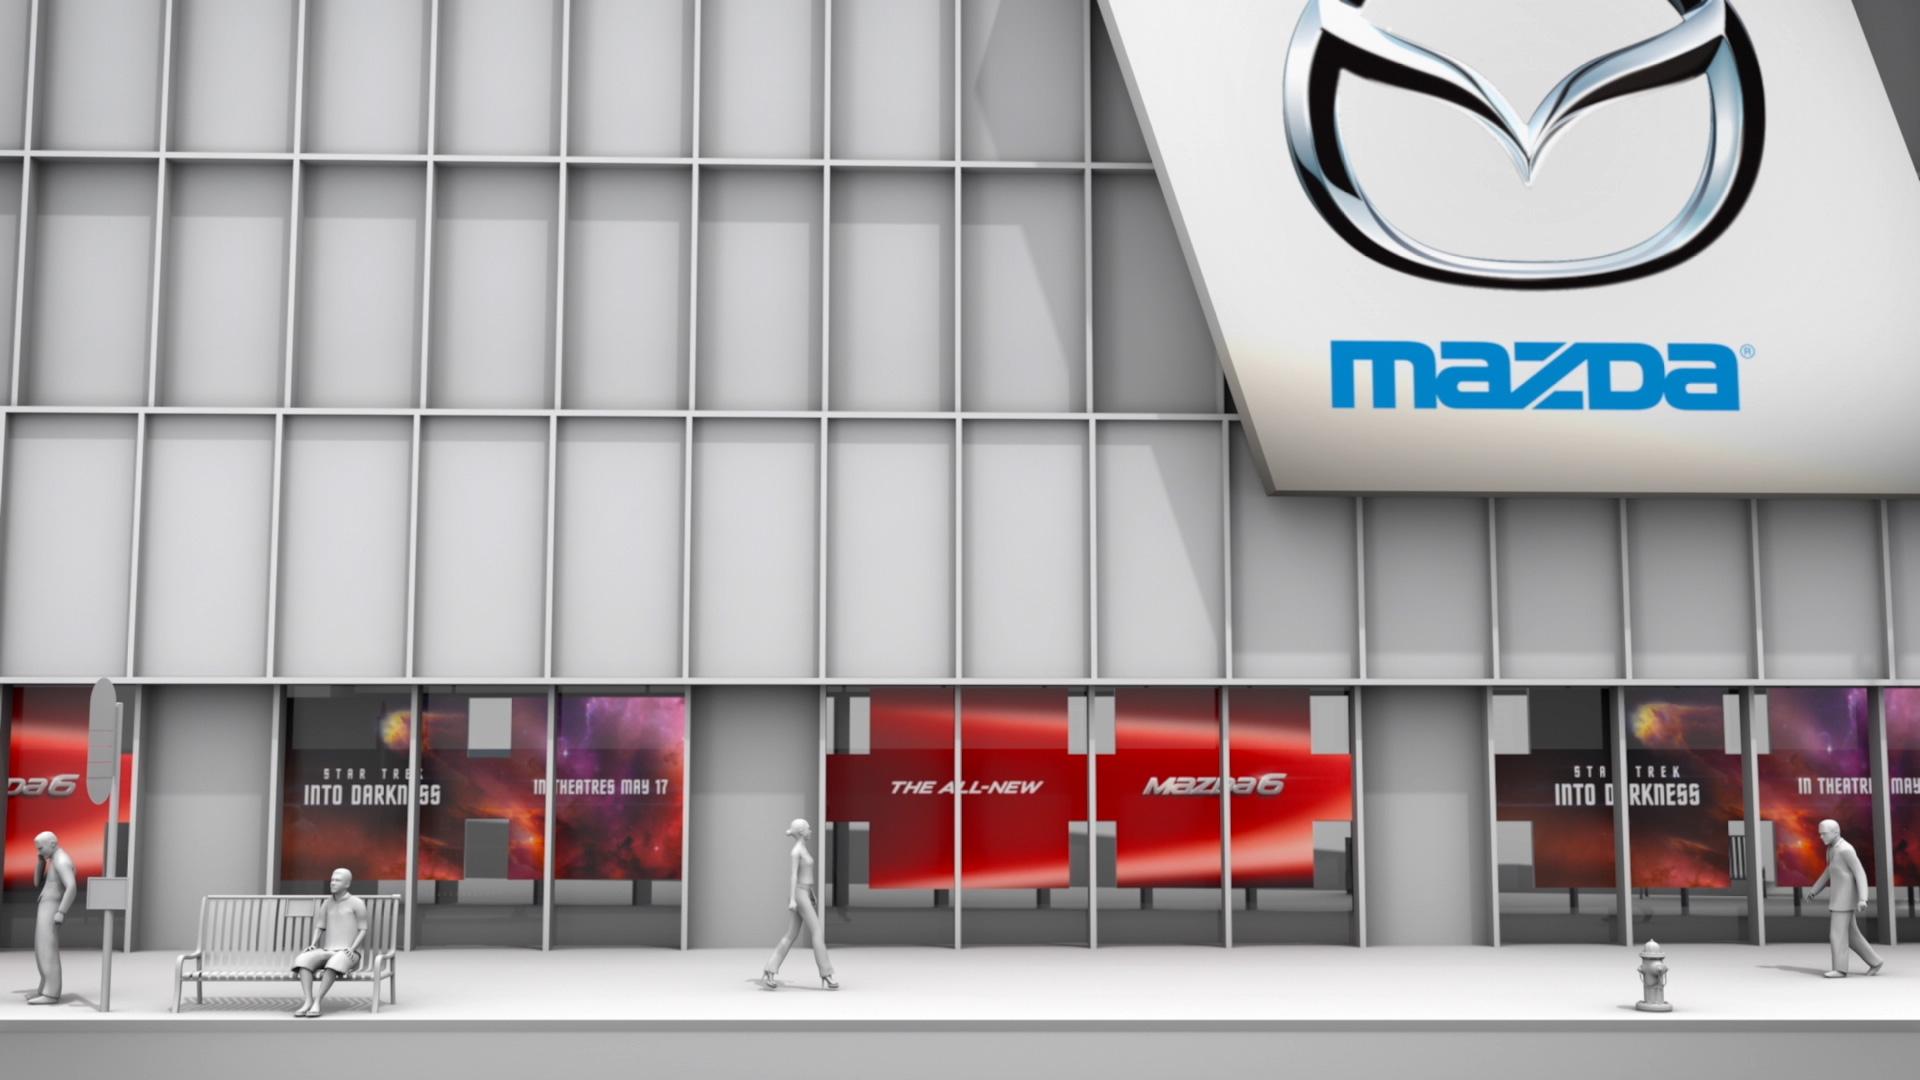 Mazda Times Square: Case Study